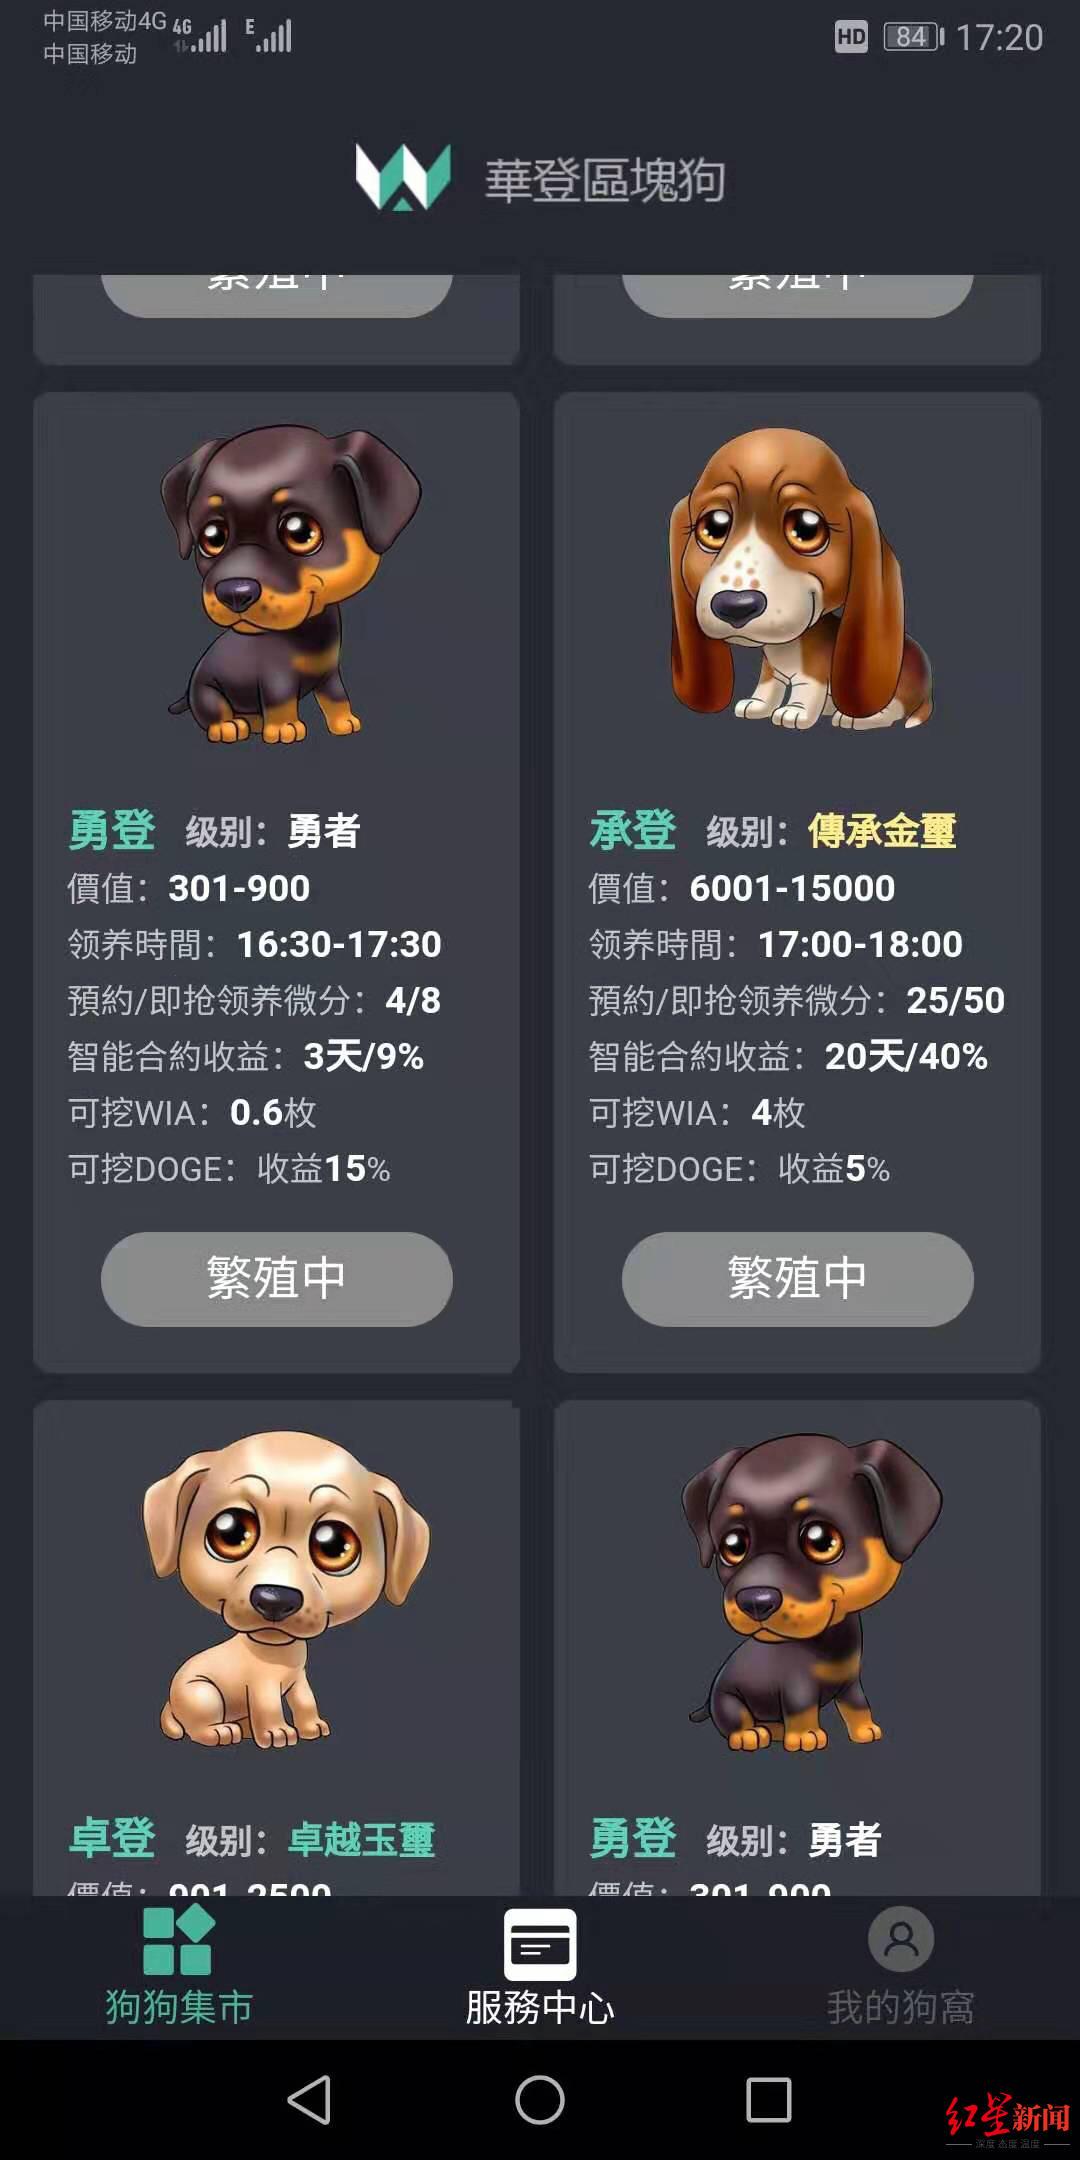 """网上投钱疯狂""""抢狗"""" 400人玩虚拟宠物游戏称被骗300多万"""